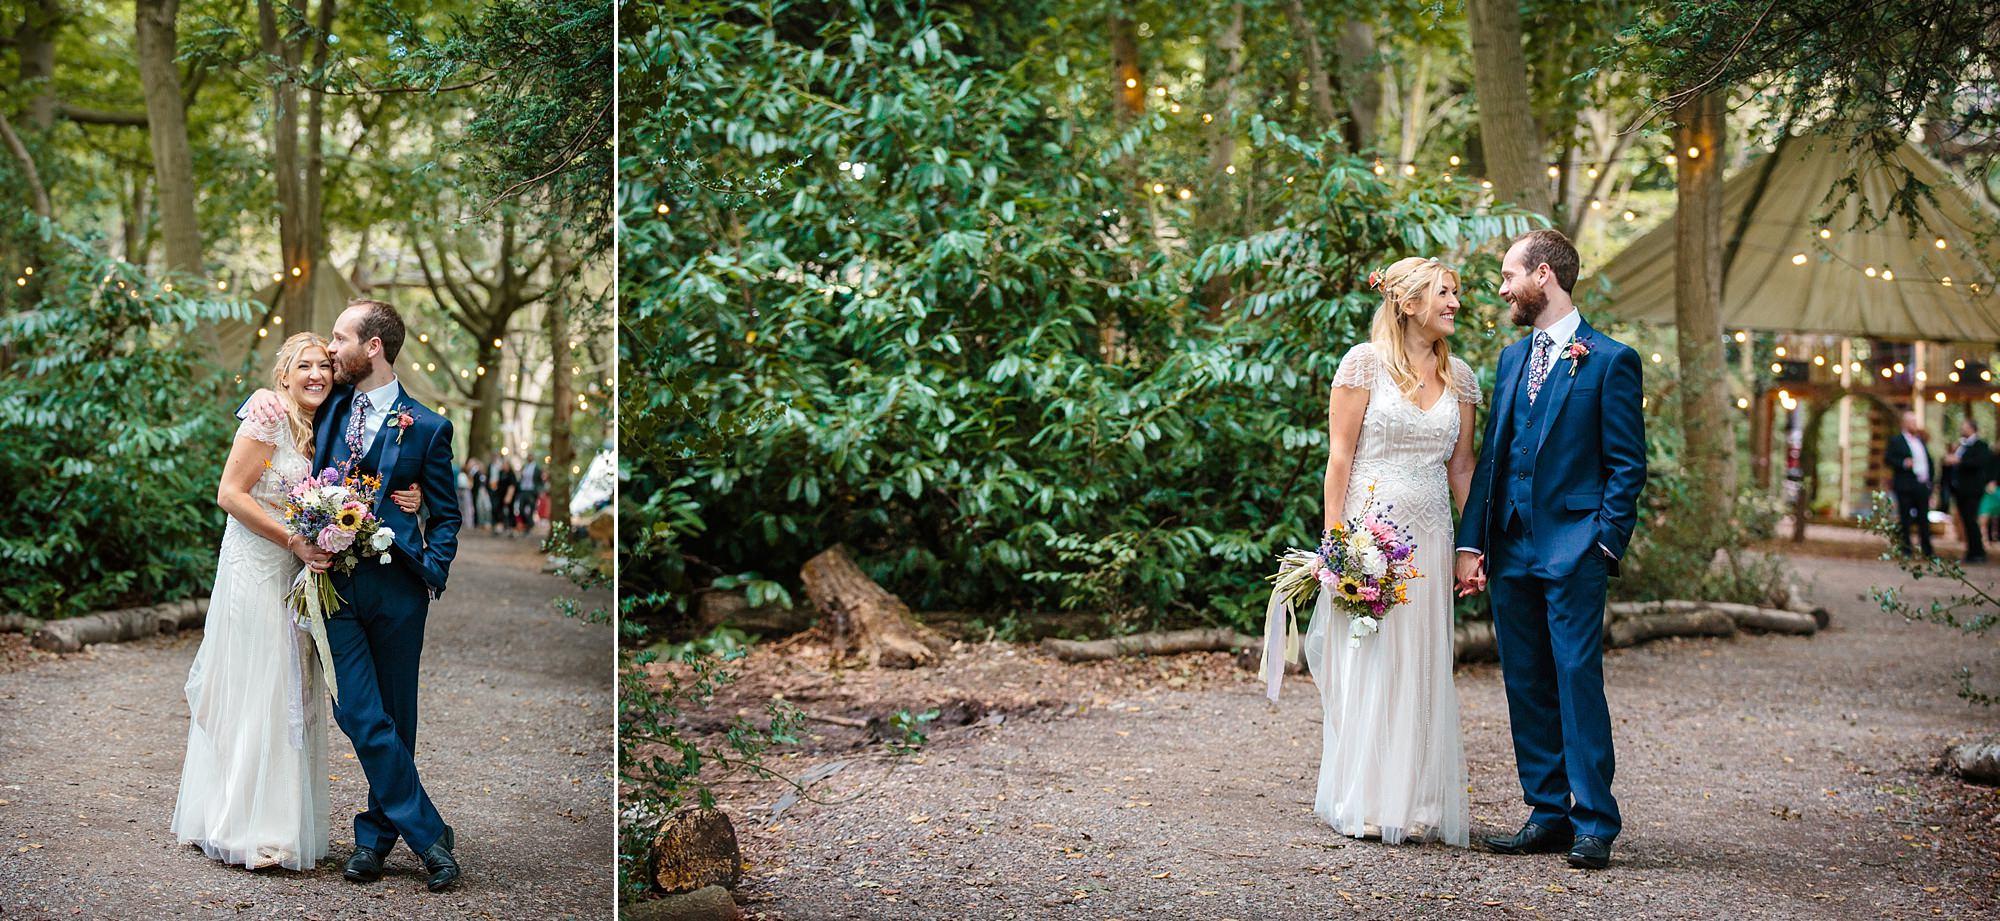 Woodland Weddings Tring groom and bride in woods